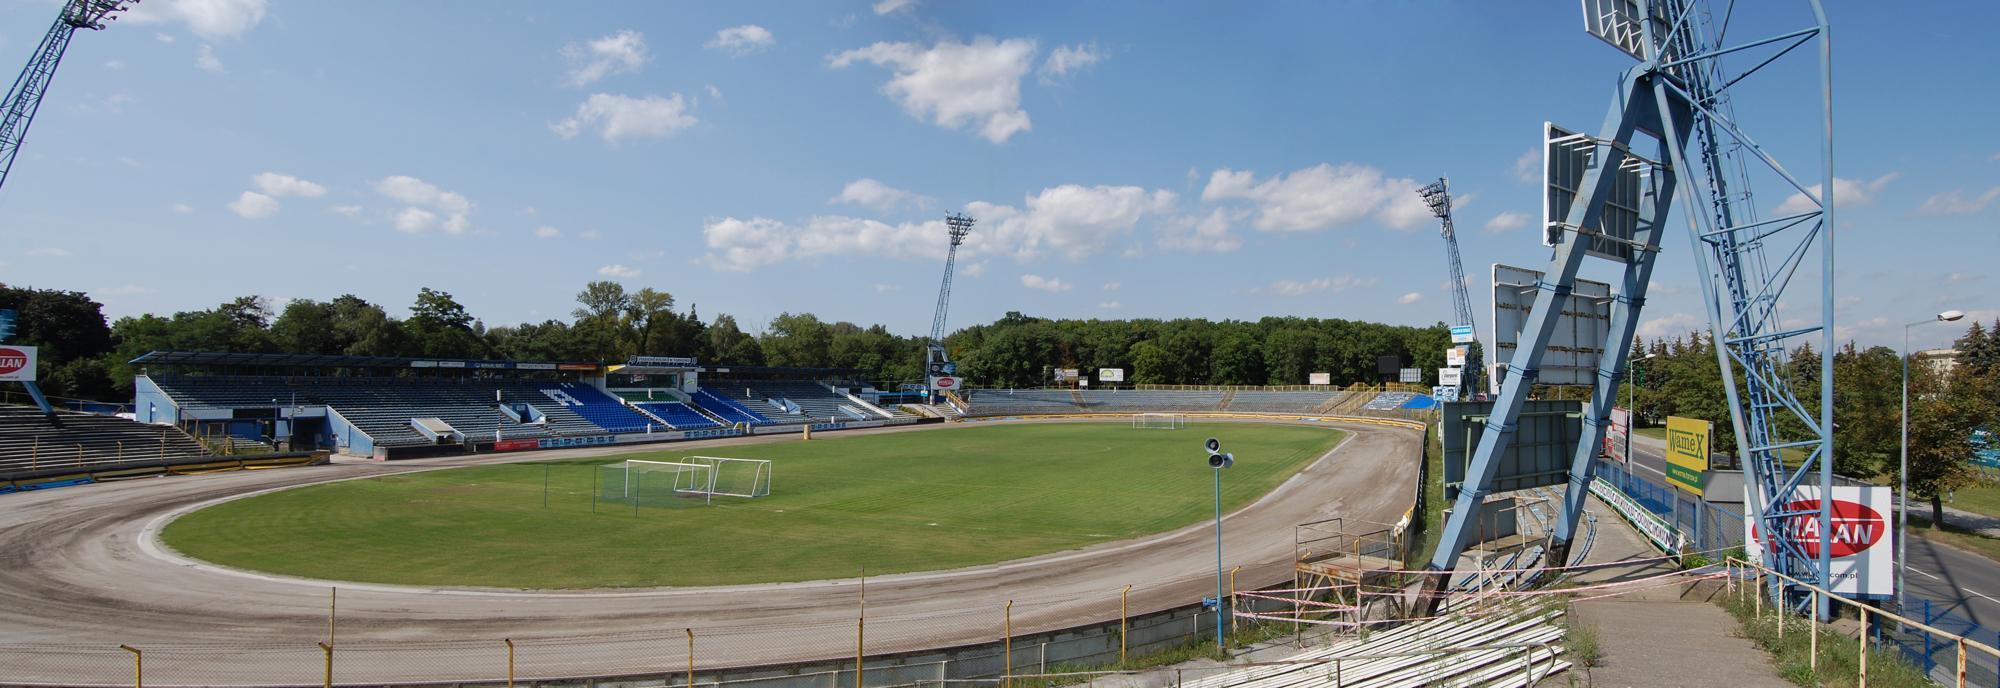 Stadion w Tarnowie